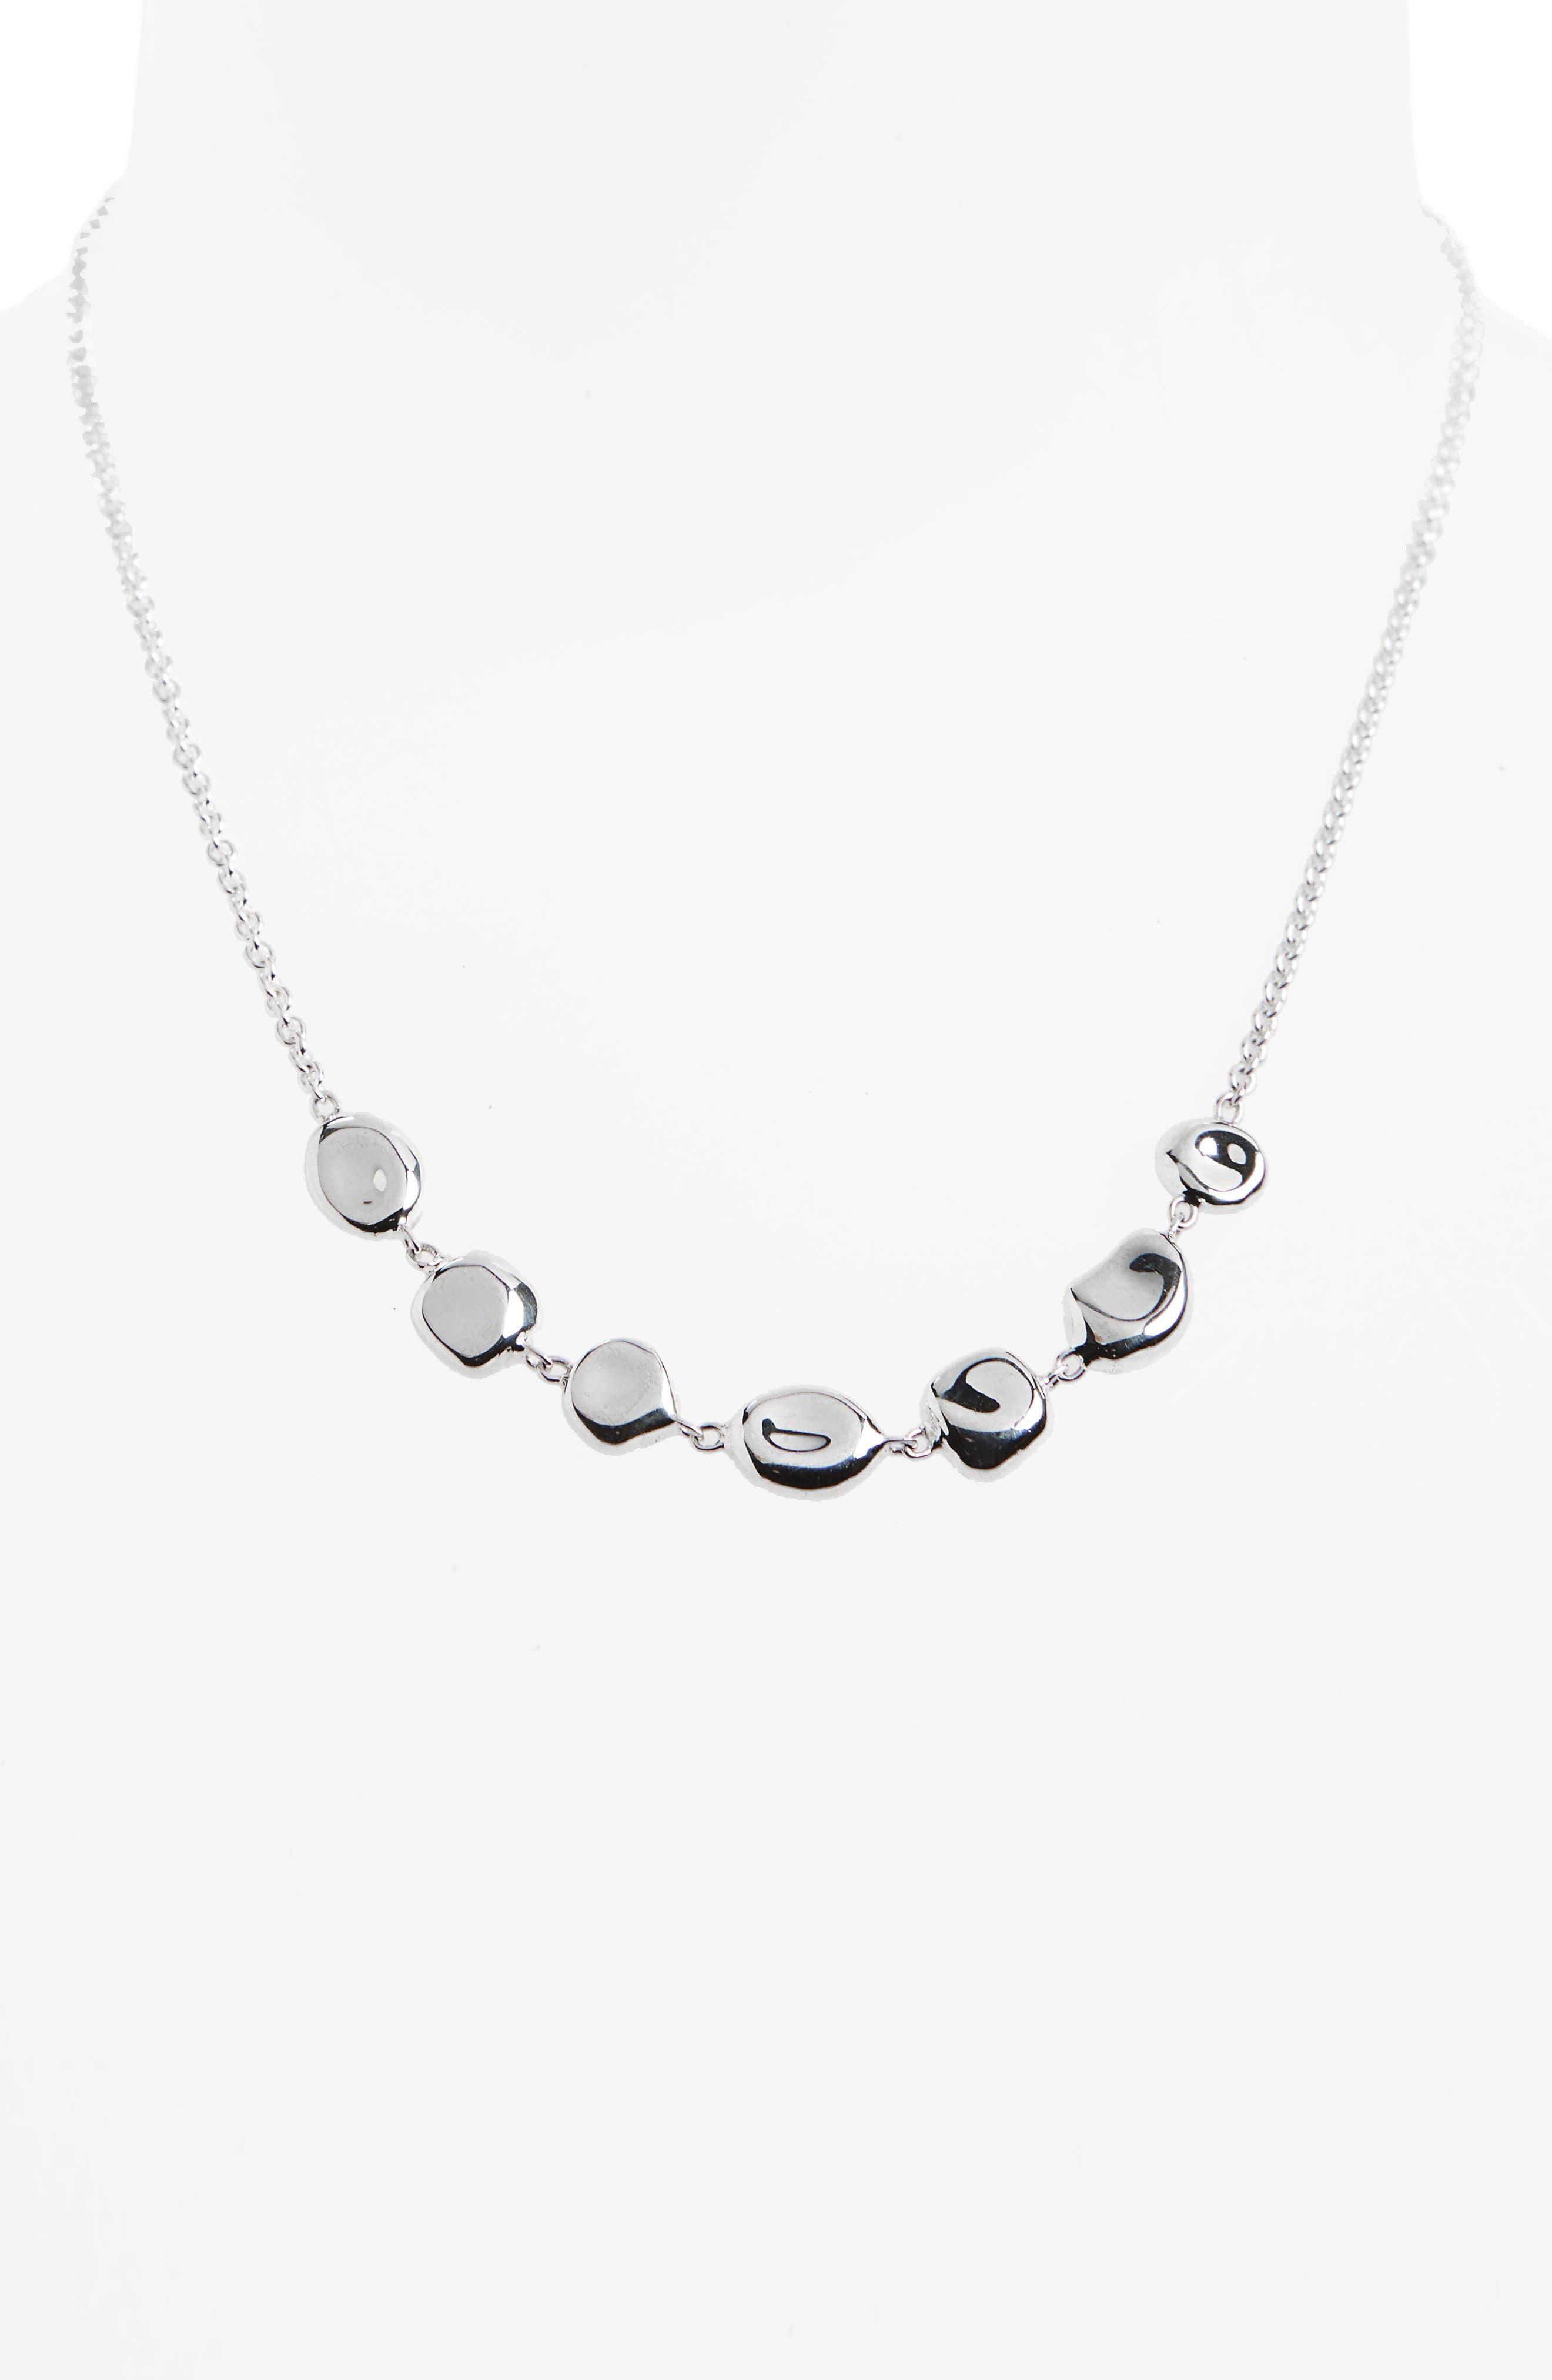 Onda Collar Necklace,                             Main thumbnail 1, color,                             Silver